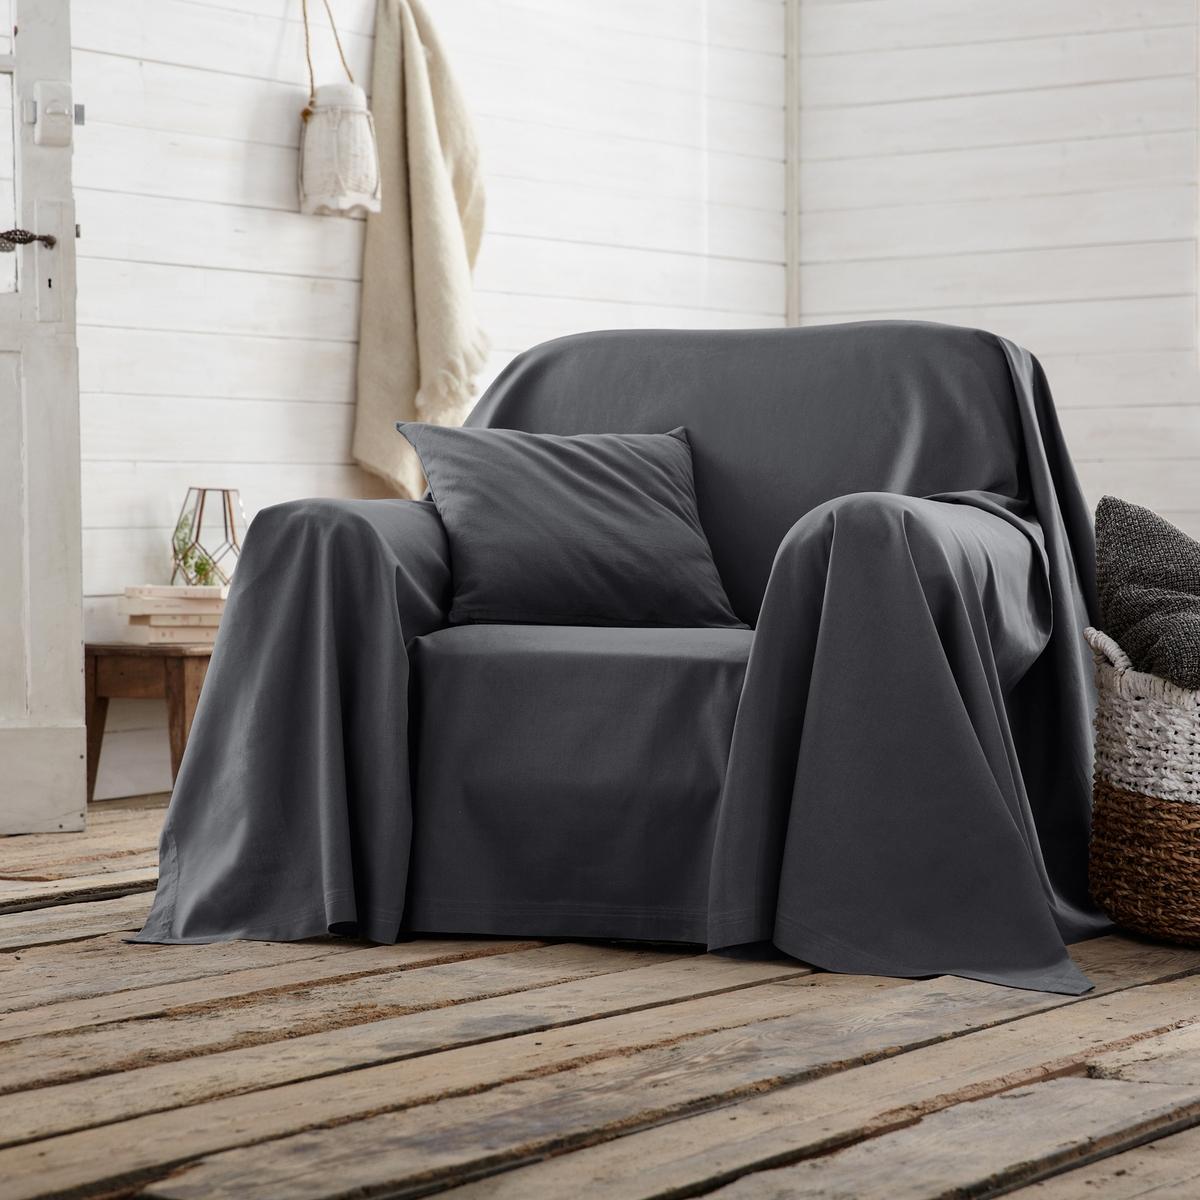 Покрывало для кресла или дивана однотонноеХарактеристики покрывала для кресла или дивана :- Плотная ткань из 100% хлопка (220 г/м?).- Простой уход: стирка при 40°, великолепная стойкость цвета.Производство осуществляется с учетом стандартов по защите окружающей среды и здоровья человека, что подтверждено сертификатом Oeko-tex®.<br><br>Цвет: белый,синий индиго,сливовый,черный,экрю